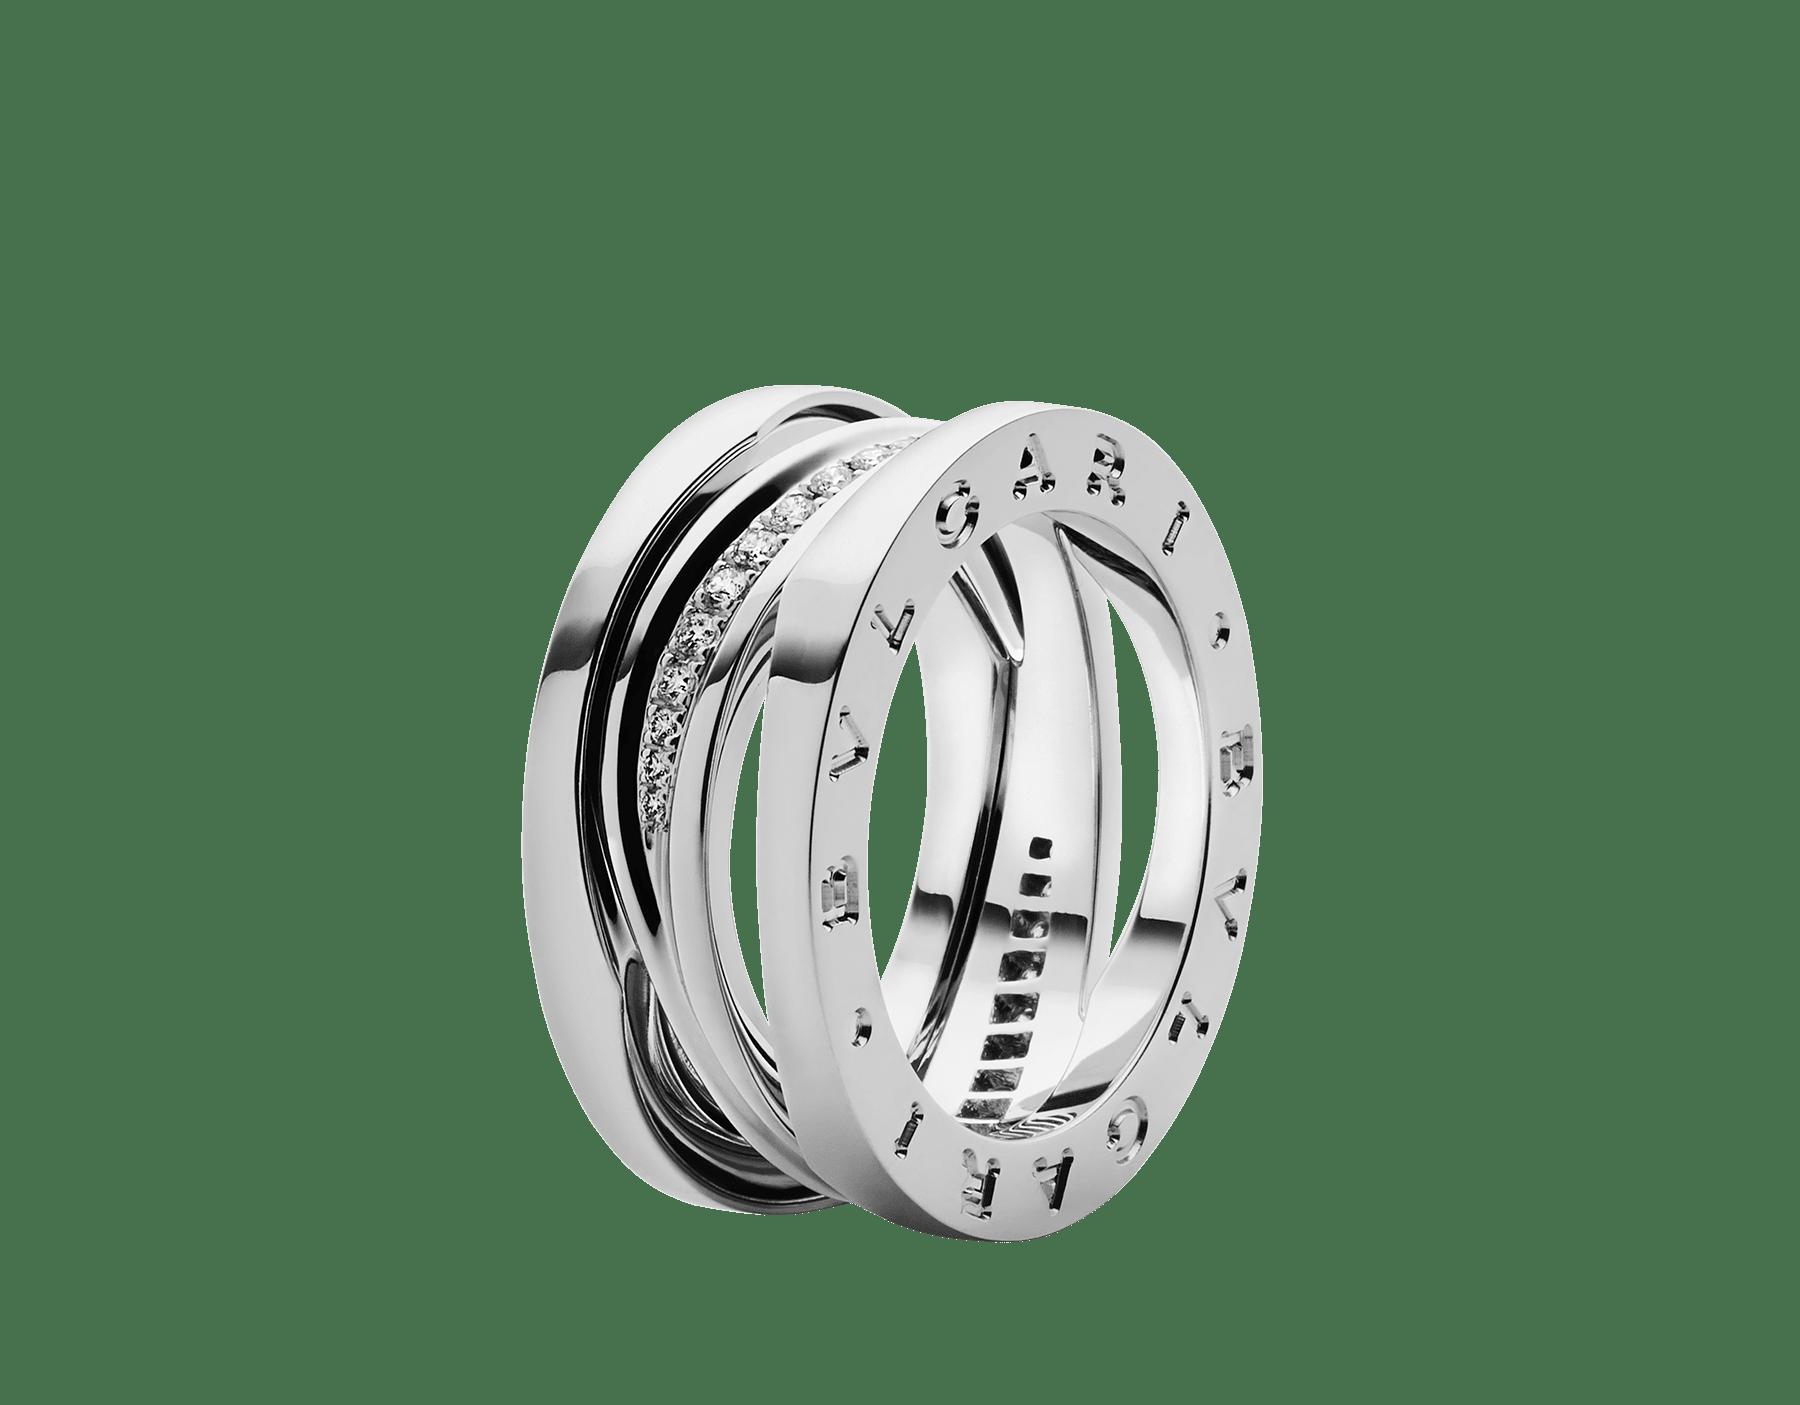 18Kホワイトゴールド製ビー・ゼロワン デザイン レジェンド リング。スパイラル上にパヴェダイヤモンドをあしらいました。 AN858378 image 1